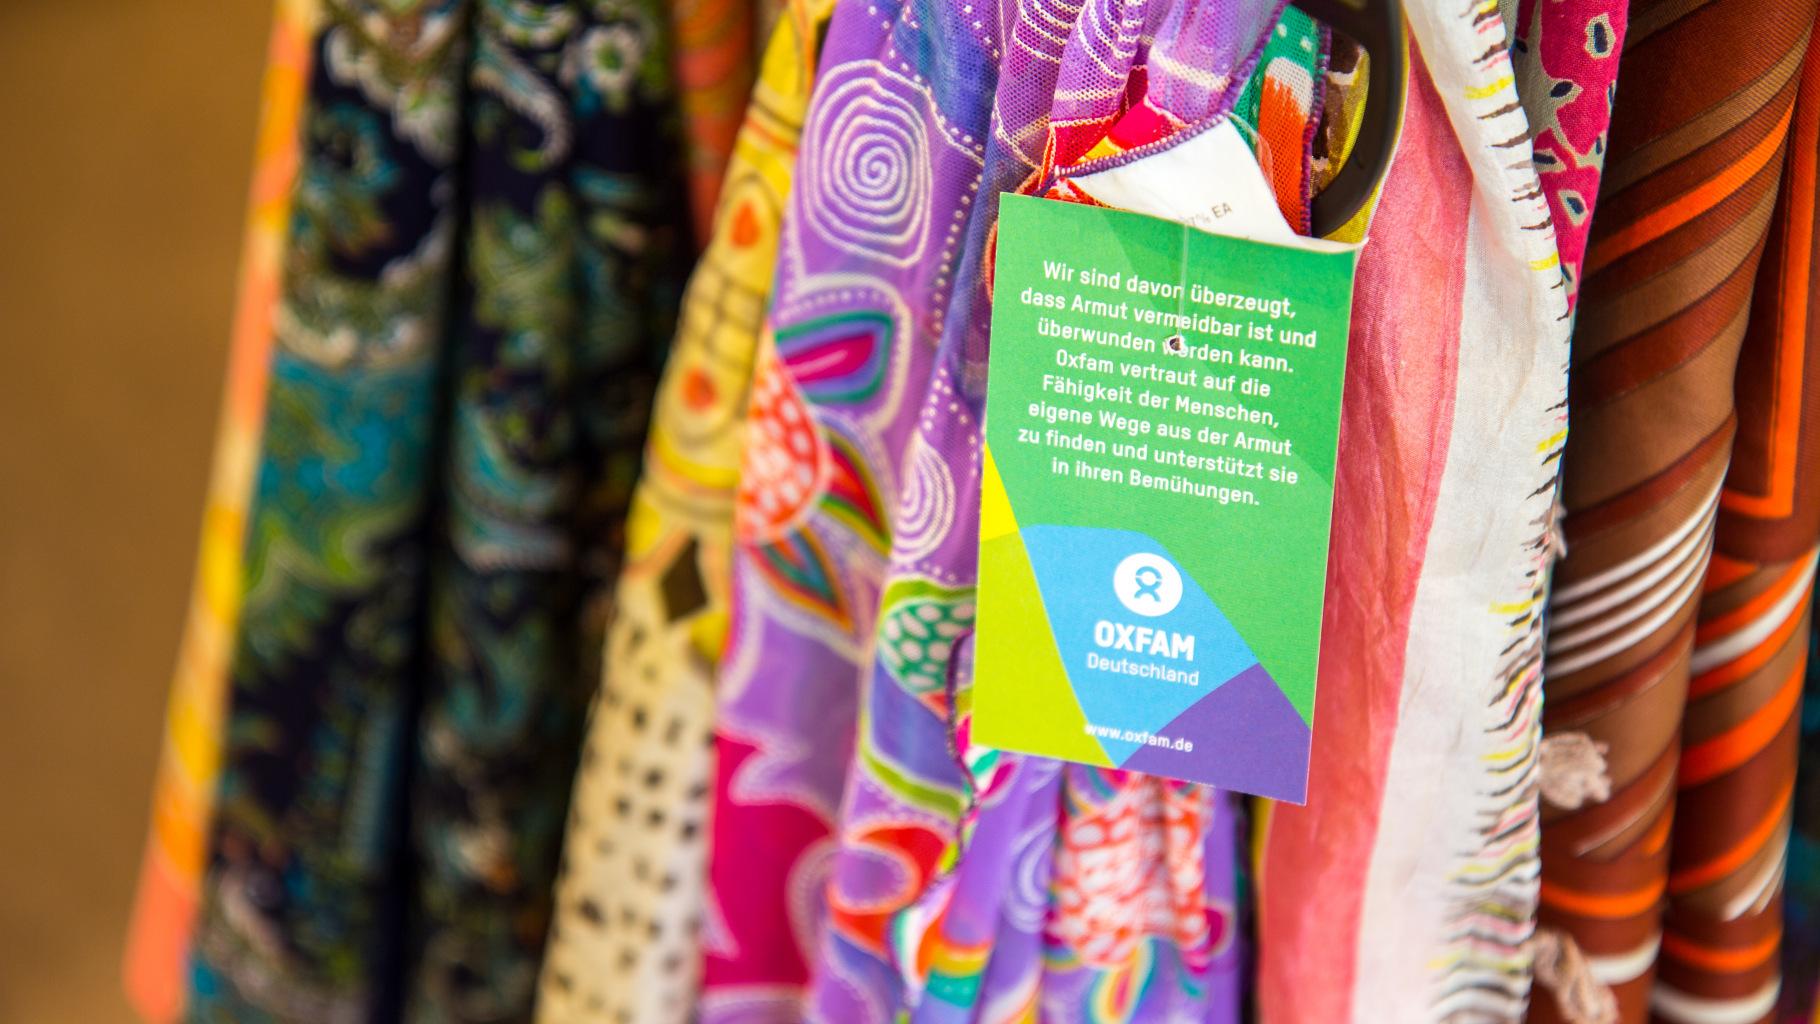 Oxfam Shop - Accessoires und Kleidung